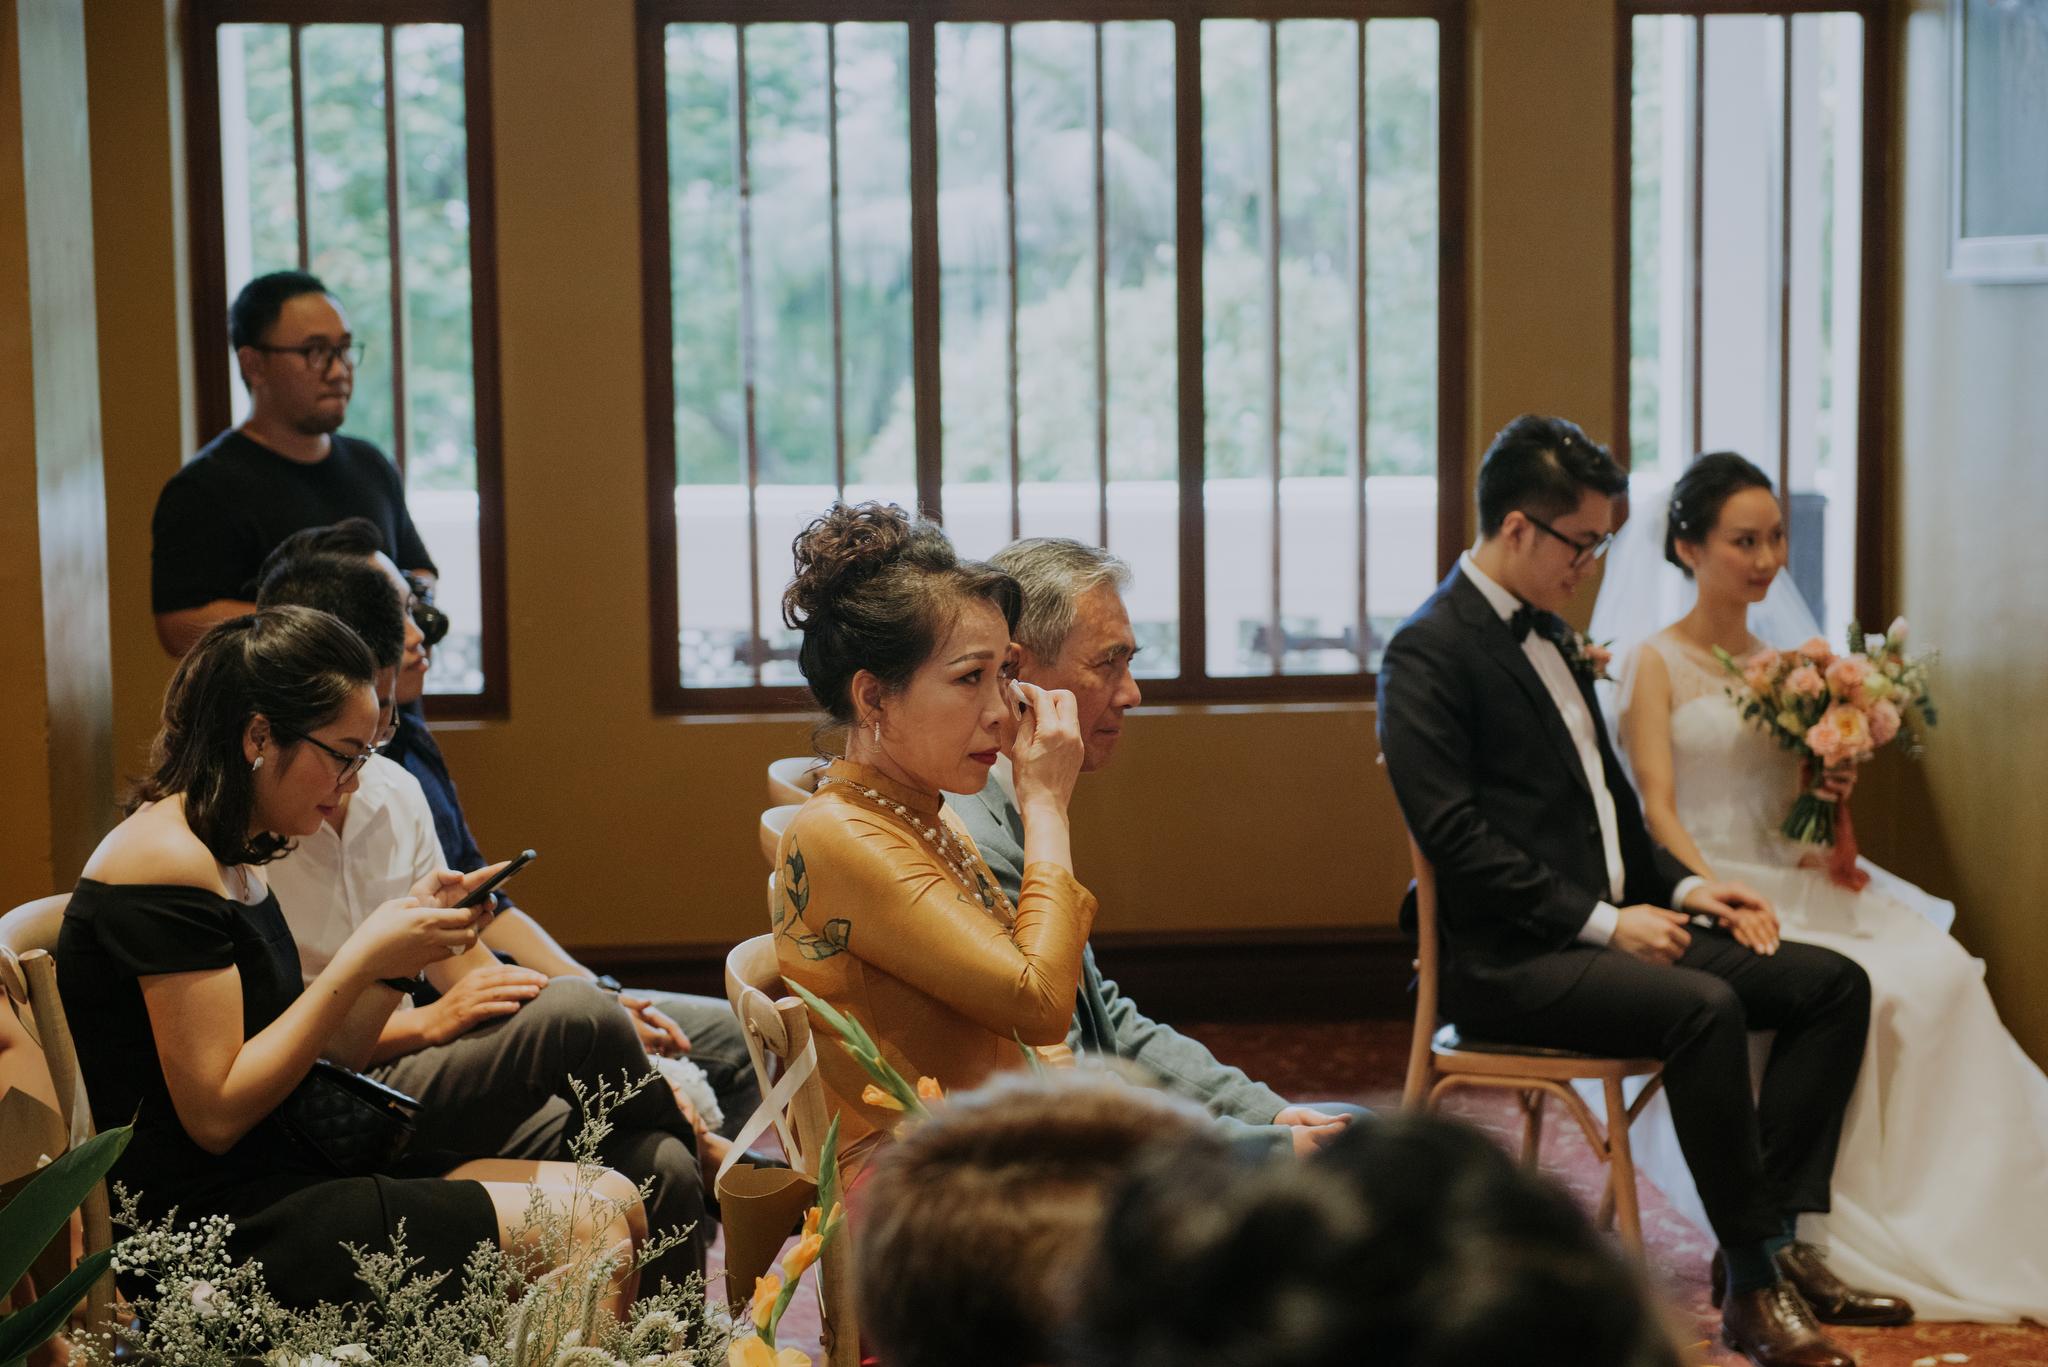 https://huk.s3.amazonaws.com/uploads/image/source/1425/Phuong-Diep-HN-Ceremony-1-0656.JPG